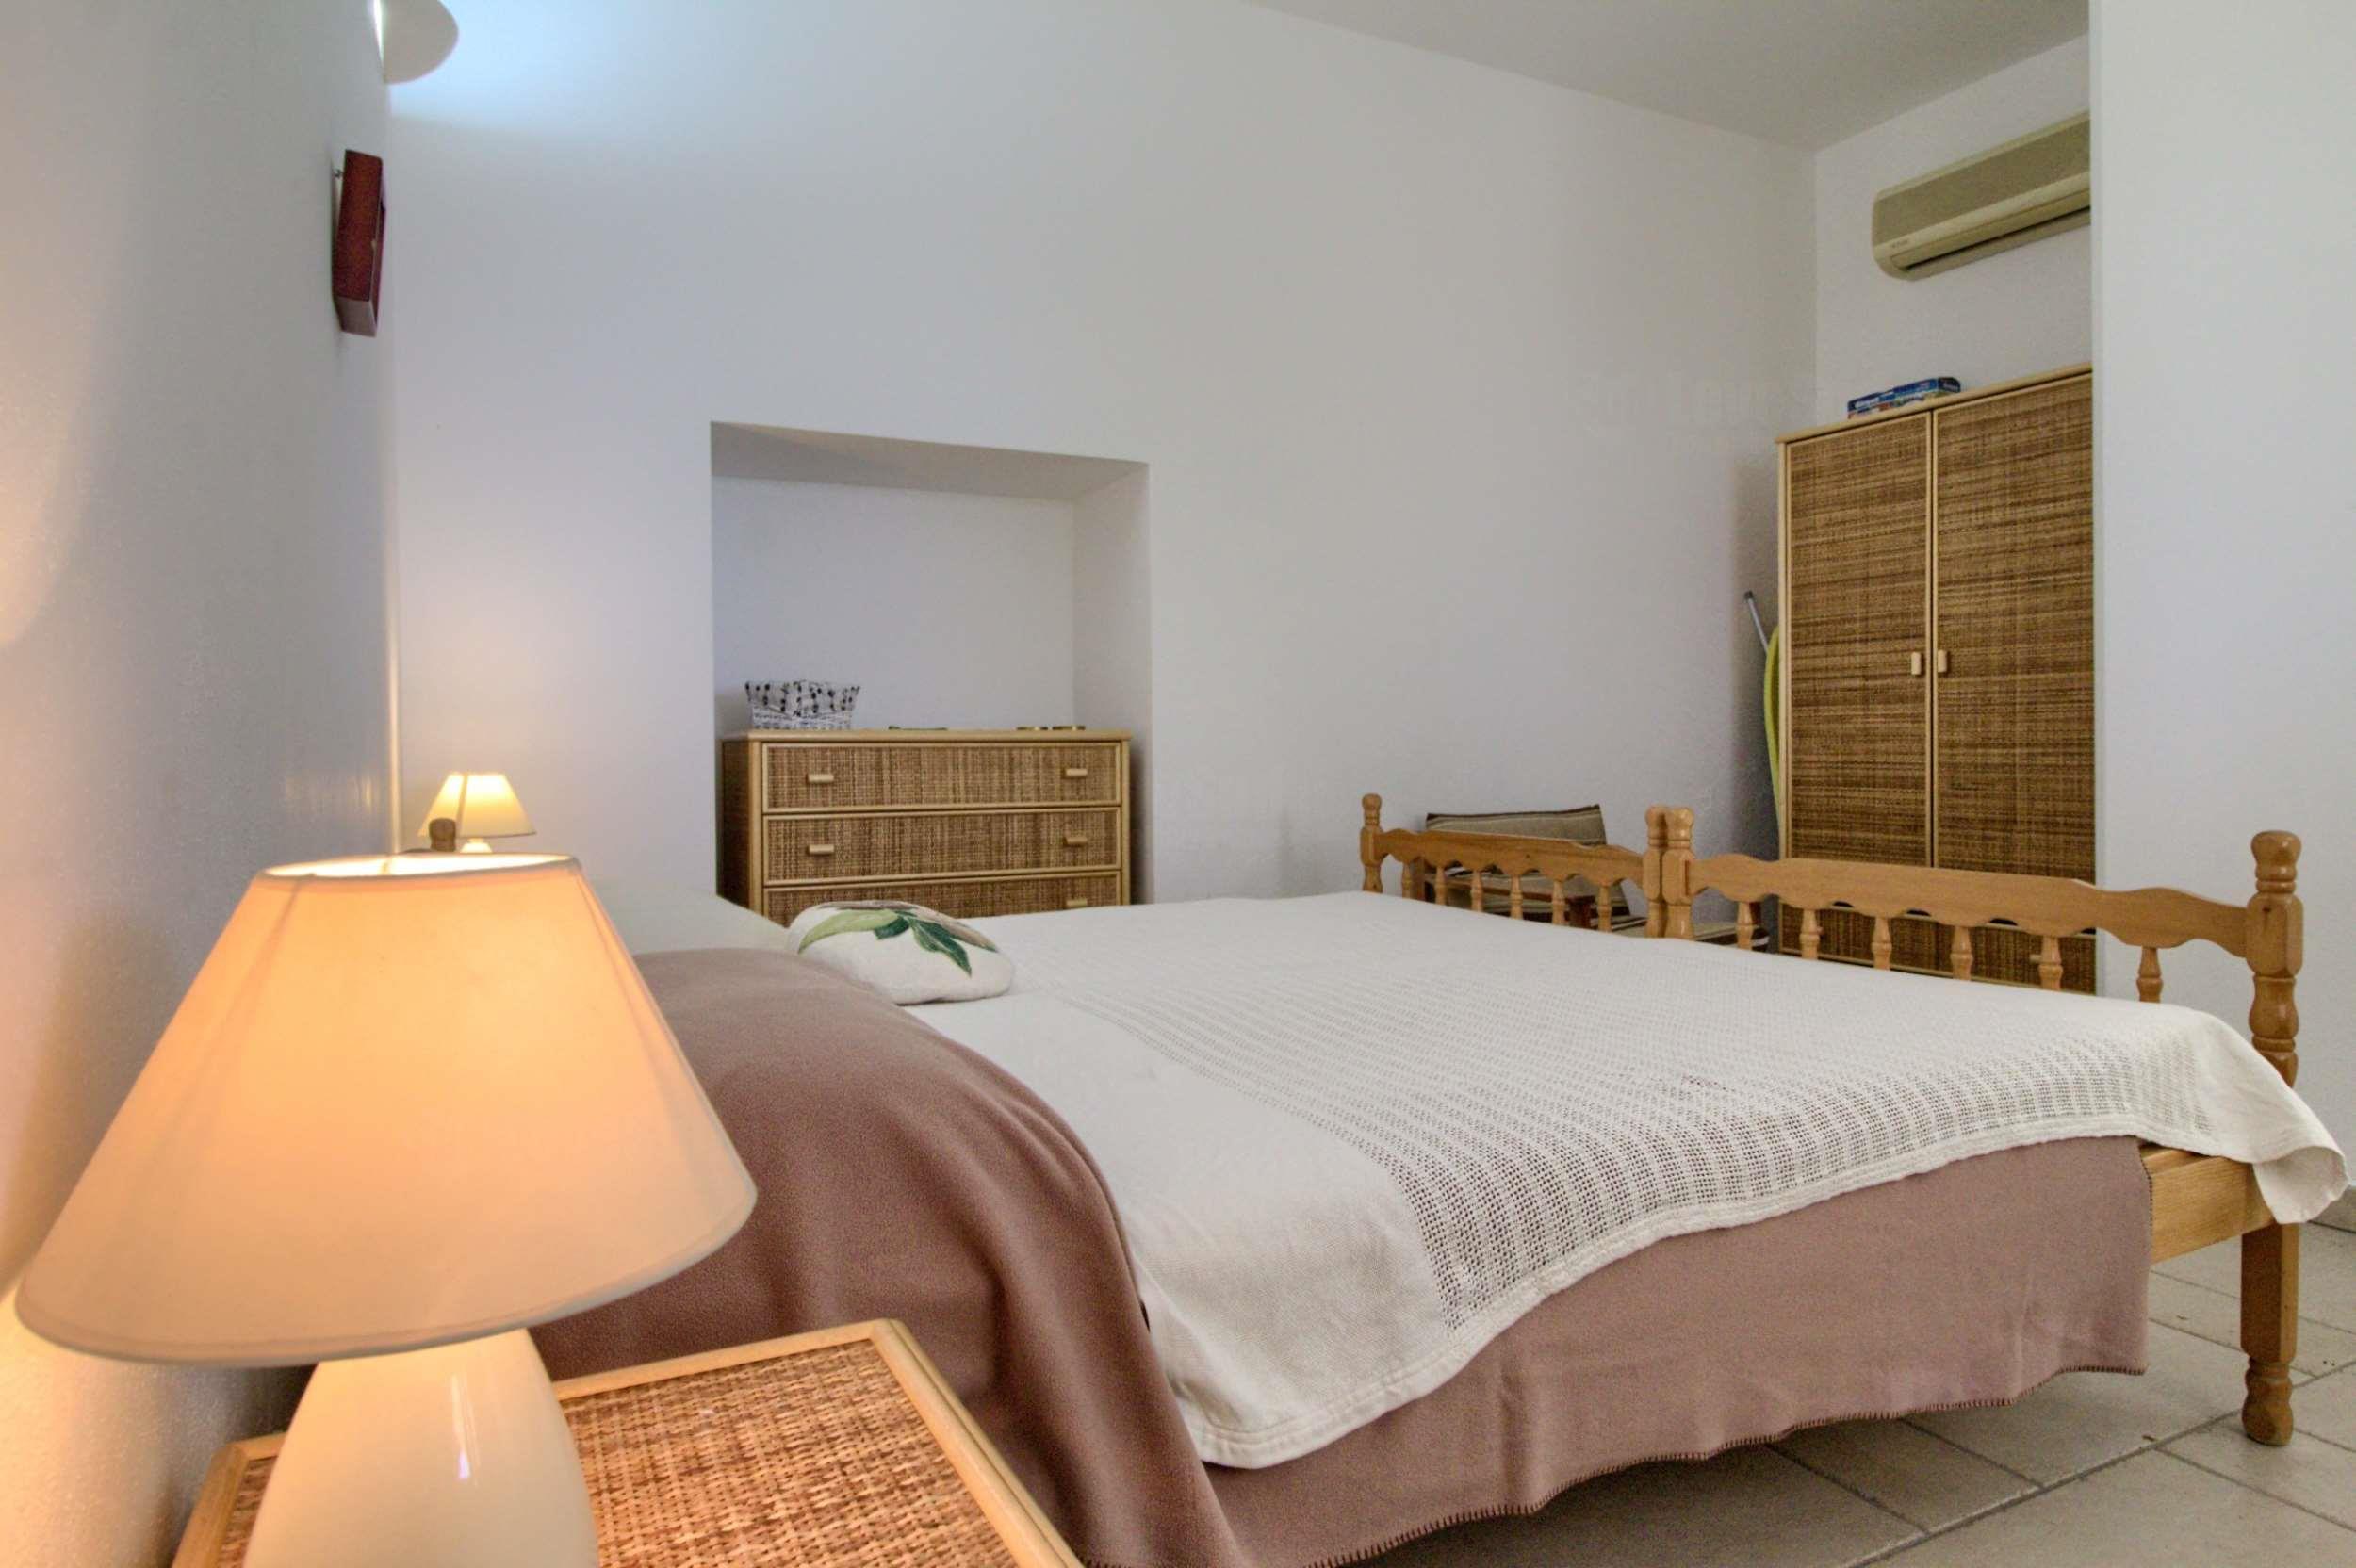 Apartment Grazia lovely seaview Pescoluse photo 22470593